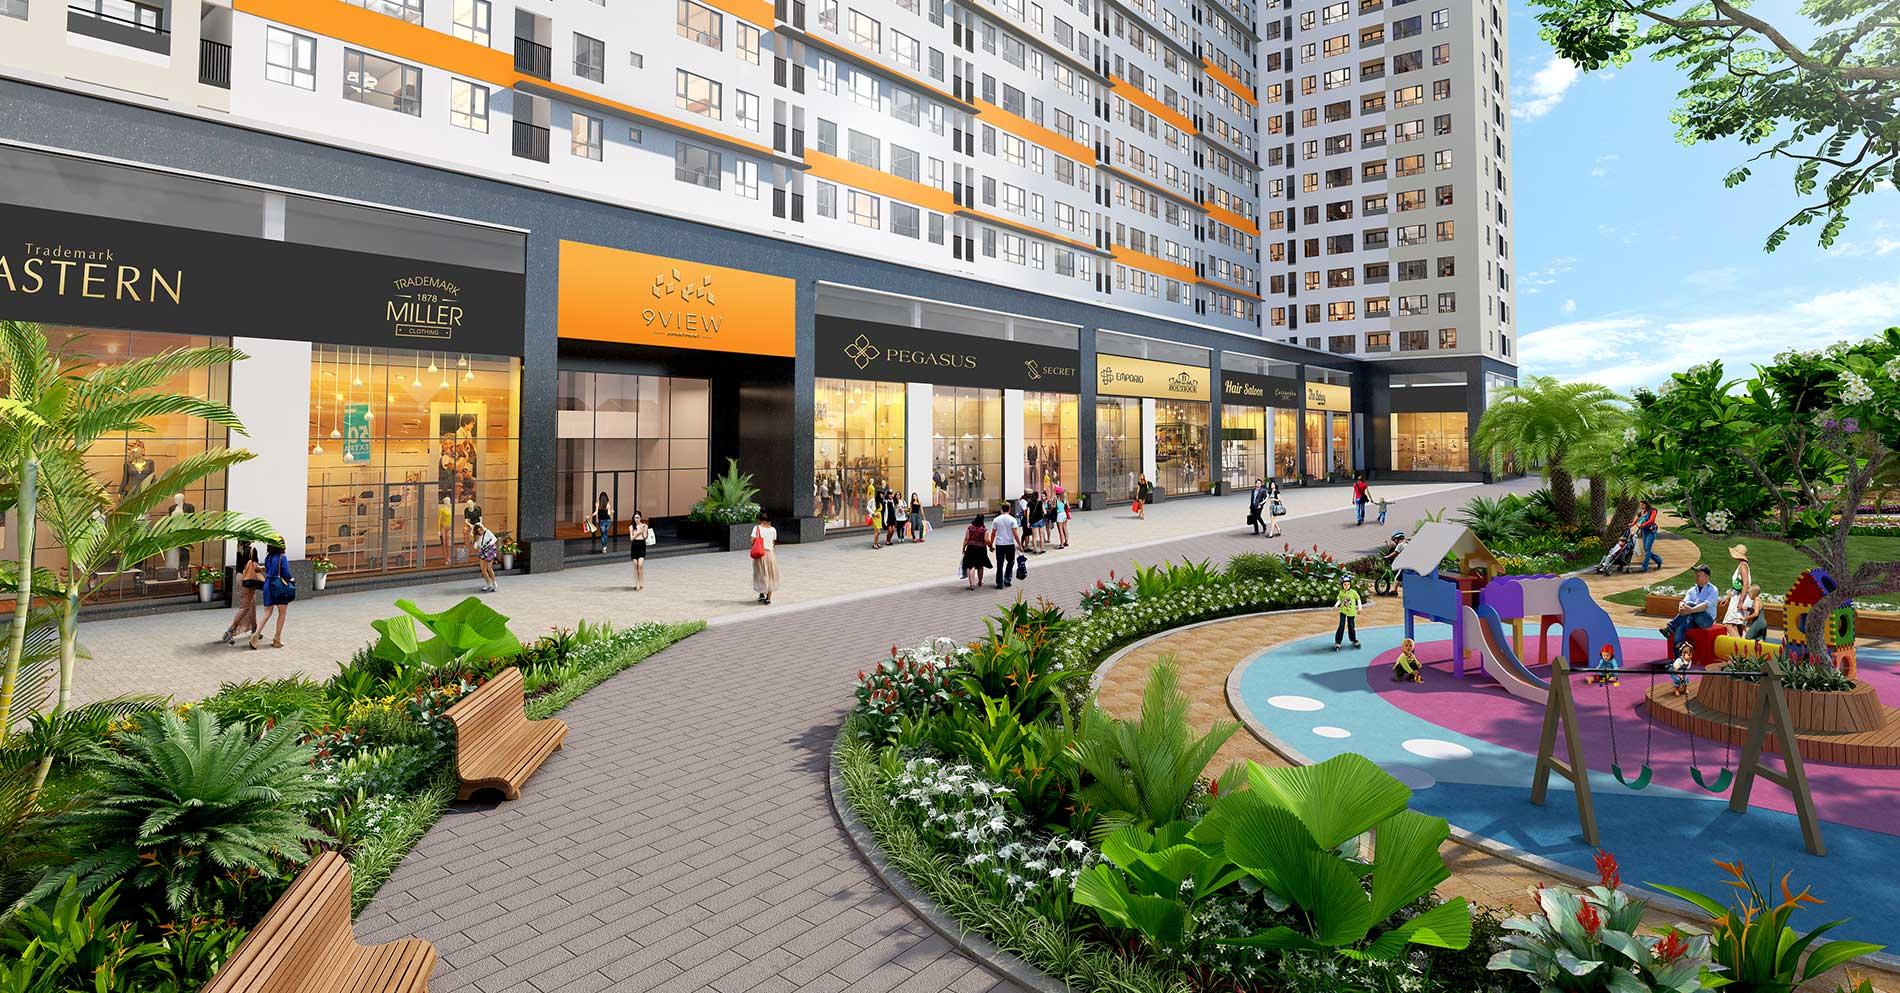 Shophouse 9 View với vị trí tâm điểm thu hút lượng khách lớn từ khu căn hộ và khách vãng lai của khu vực sầm uất quận 9 vừa thuận lợi cho kinh doanh và cho thuê.